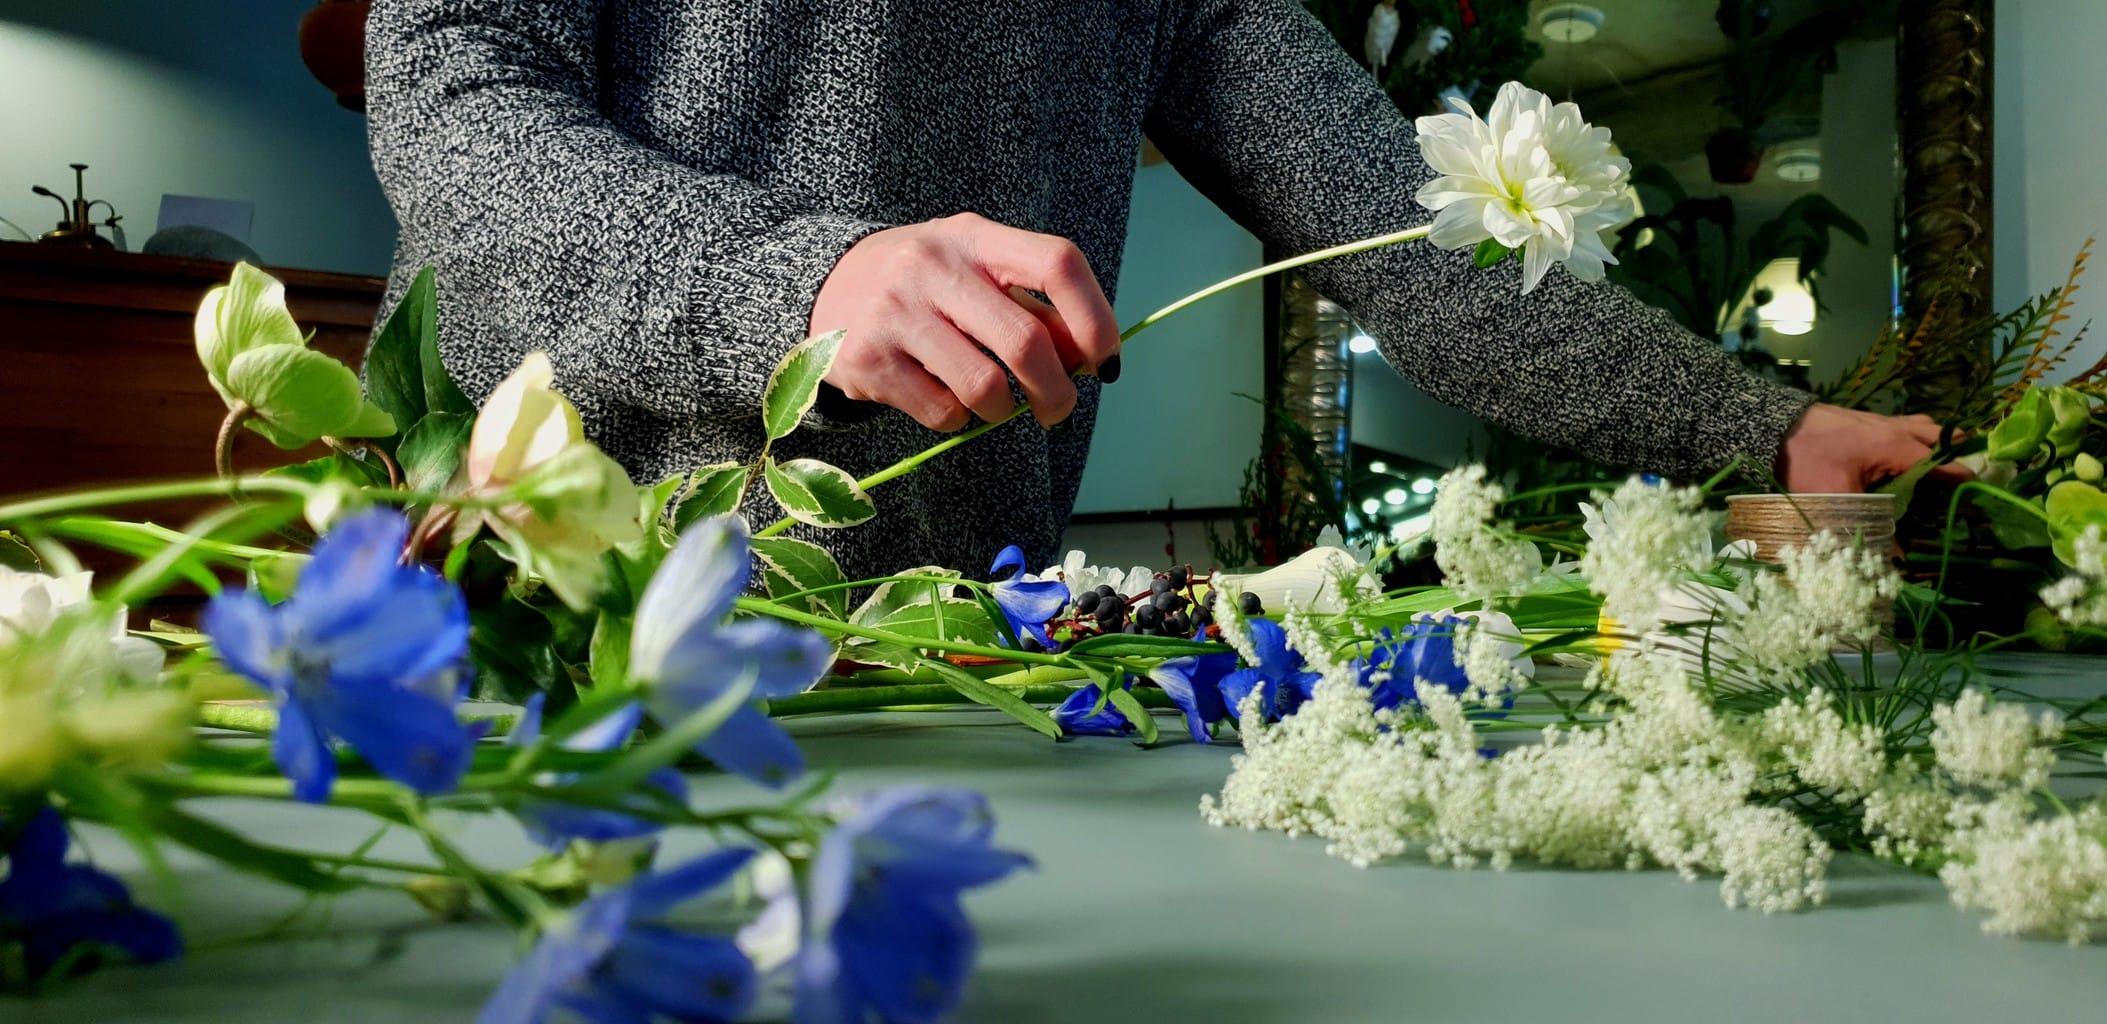 Fotografía tomada con un Galaxy S9 de alguien haciendo un ramo de flores